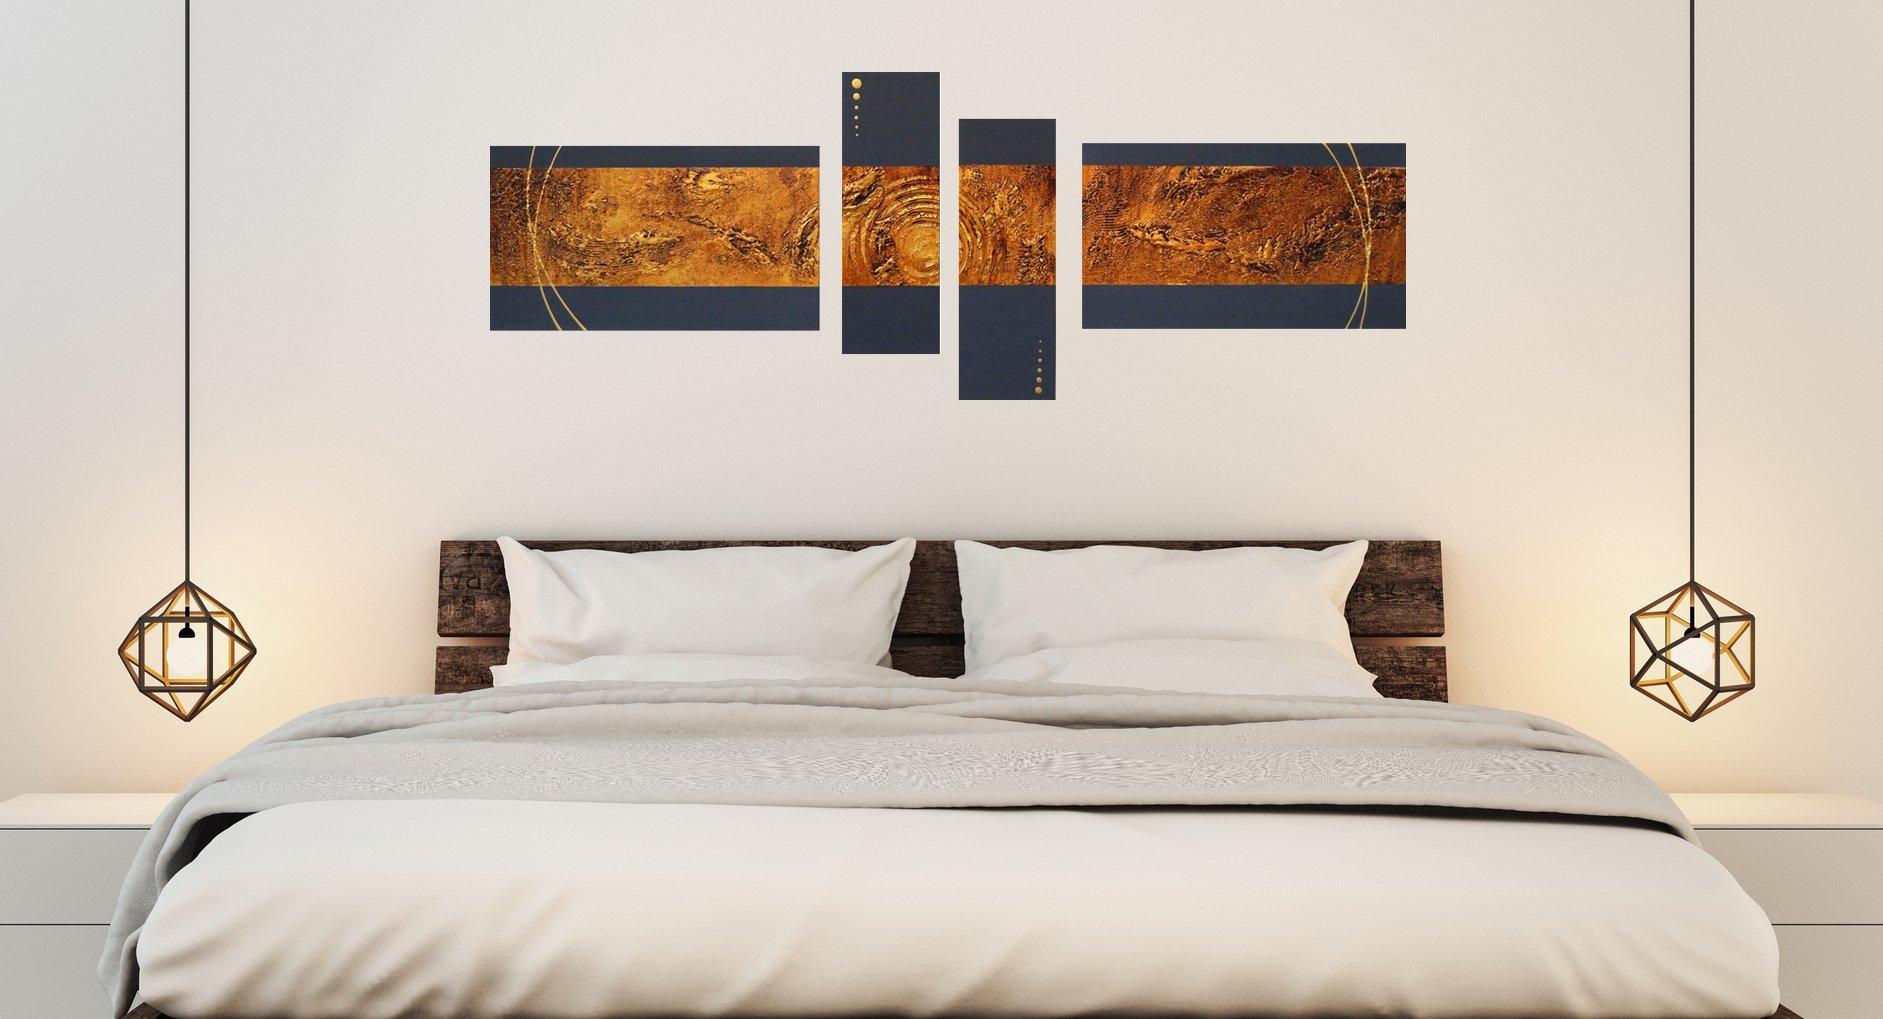 schilderij Liquid Gold van Buttner